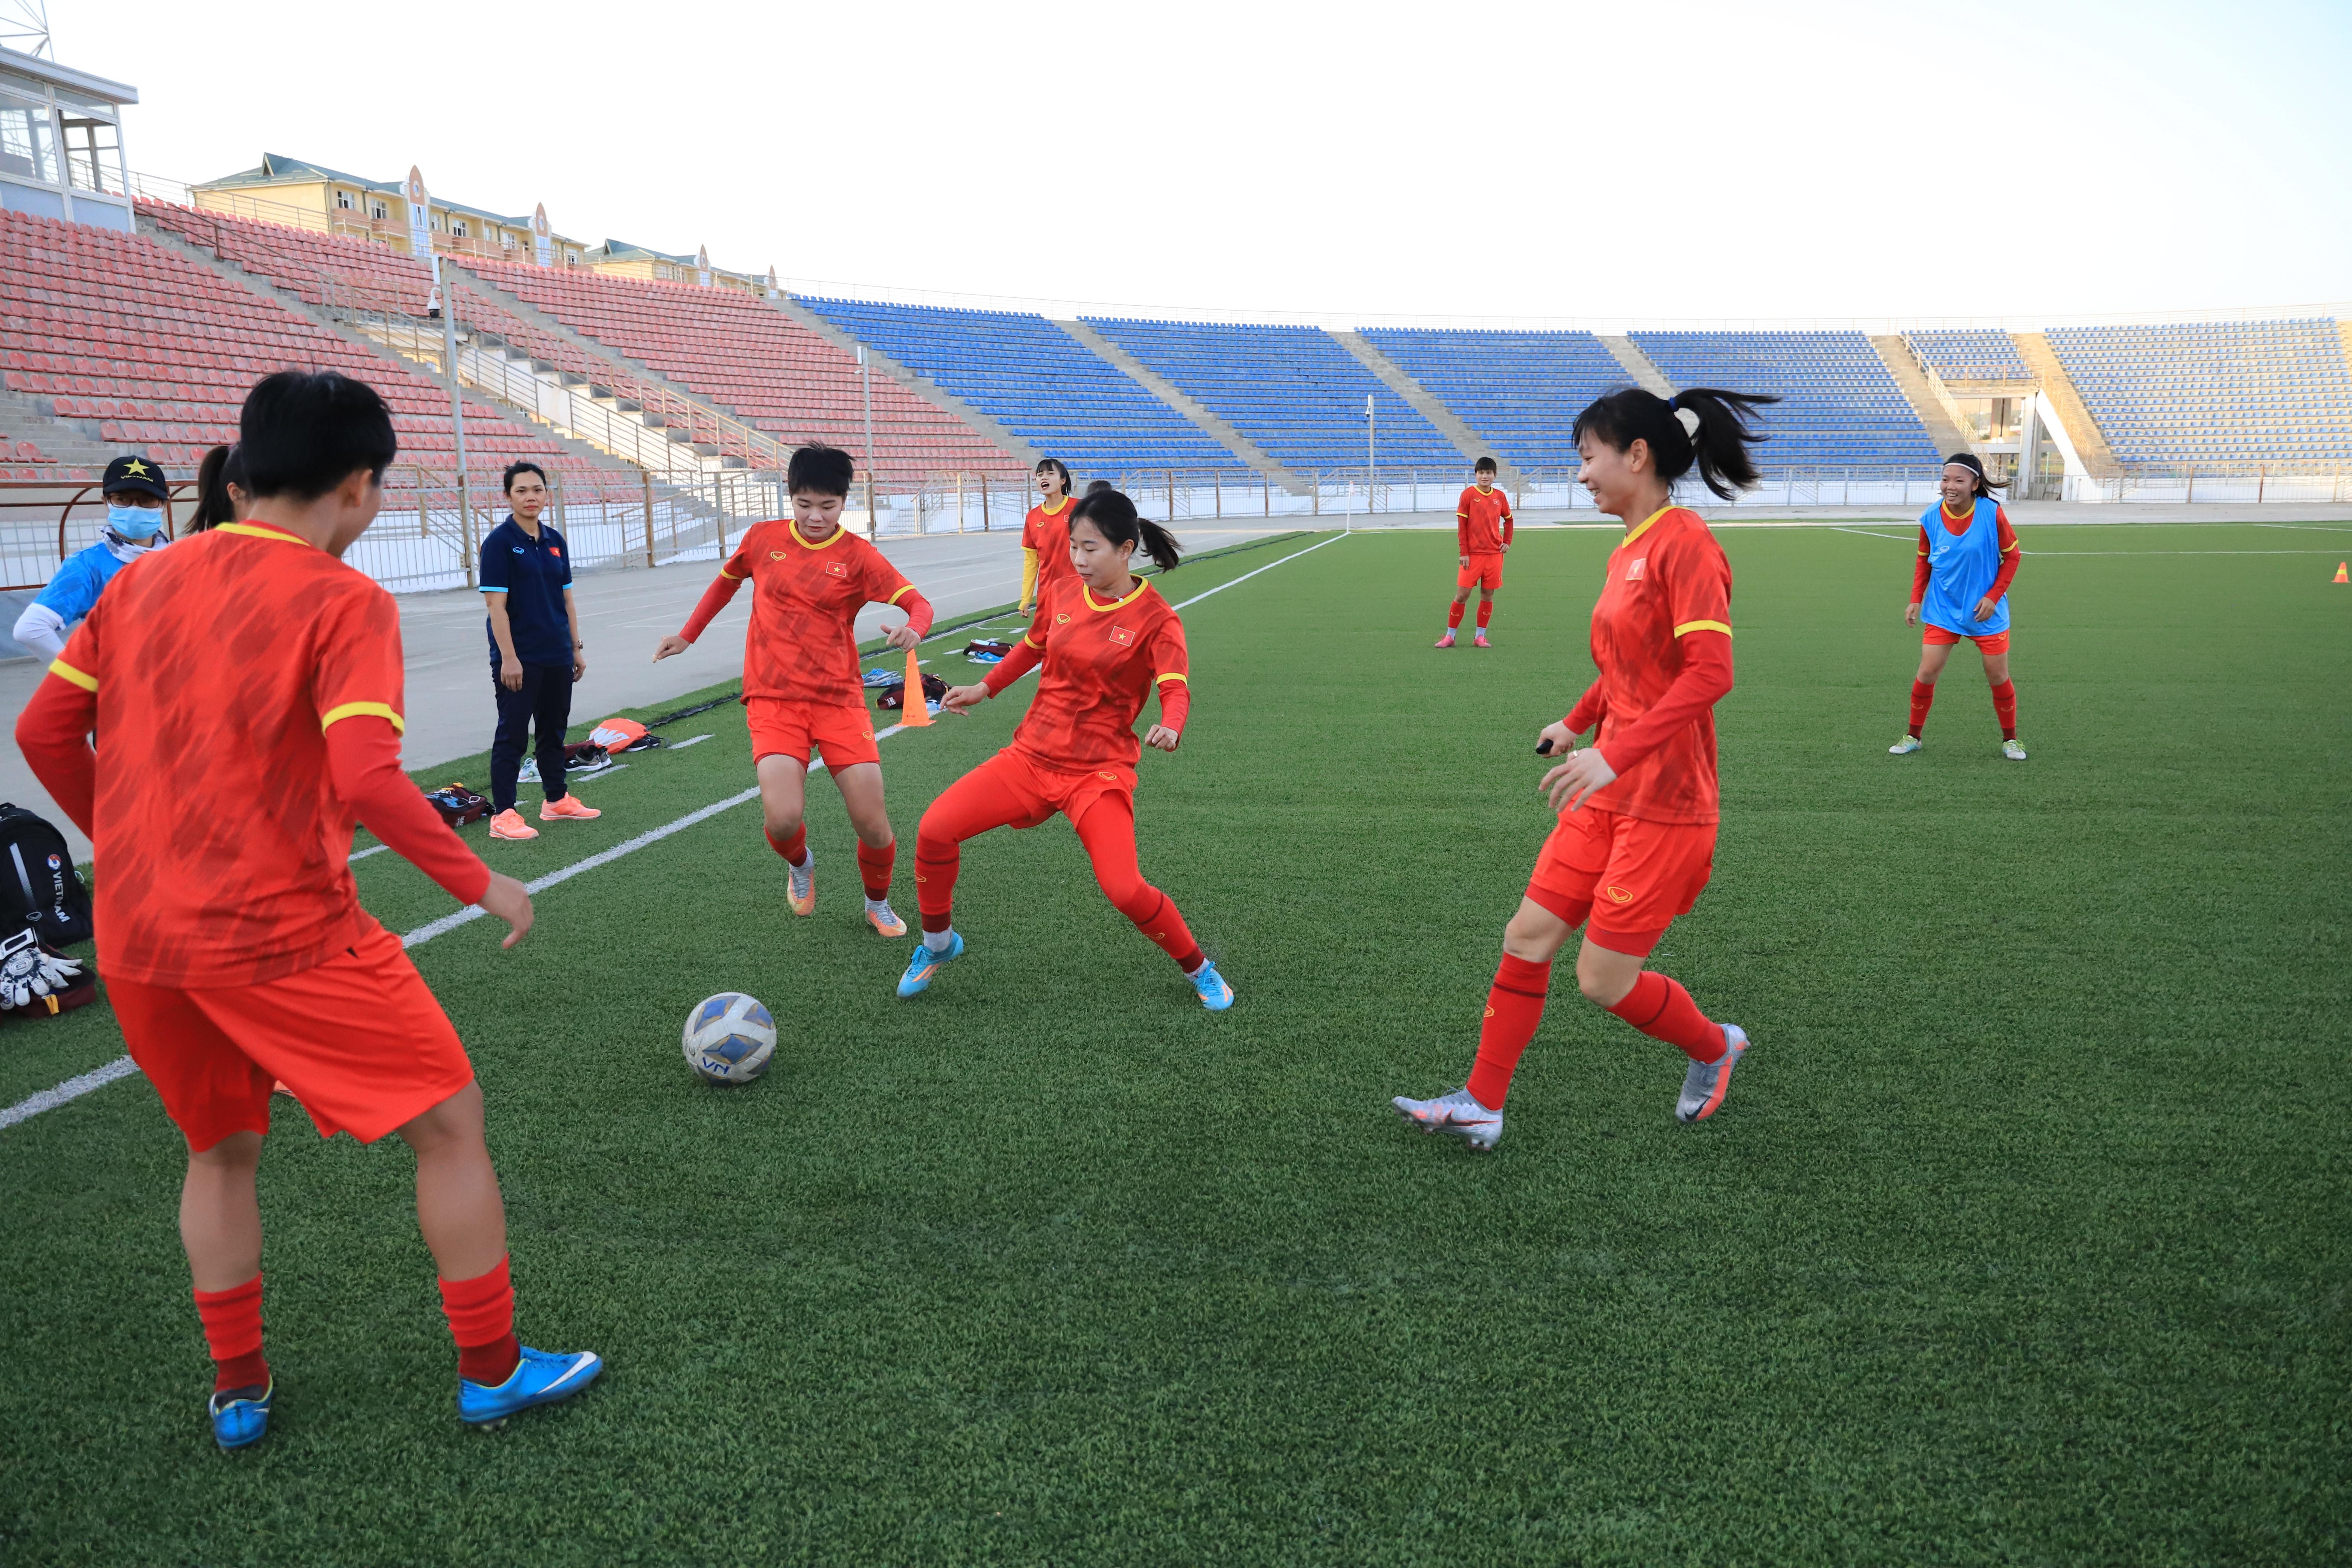 Tuyển bóng đá nữ Việt Nam cần hòa Tajikistan để khởi đầu cho giấc mơ World Cup